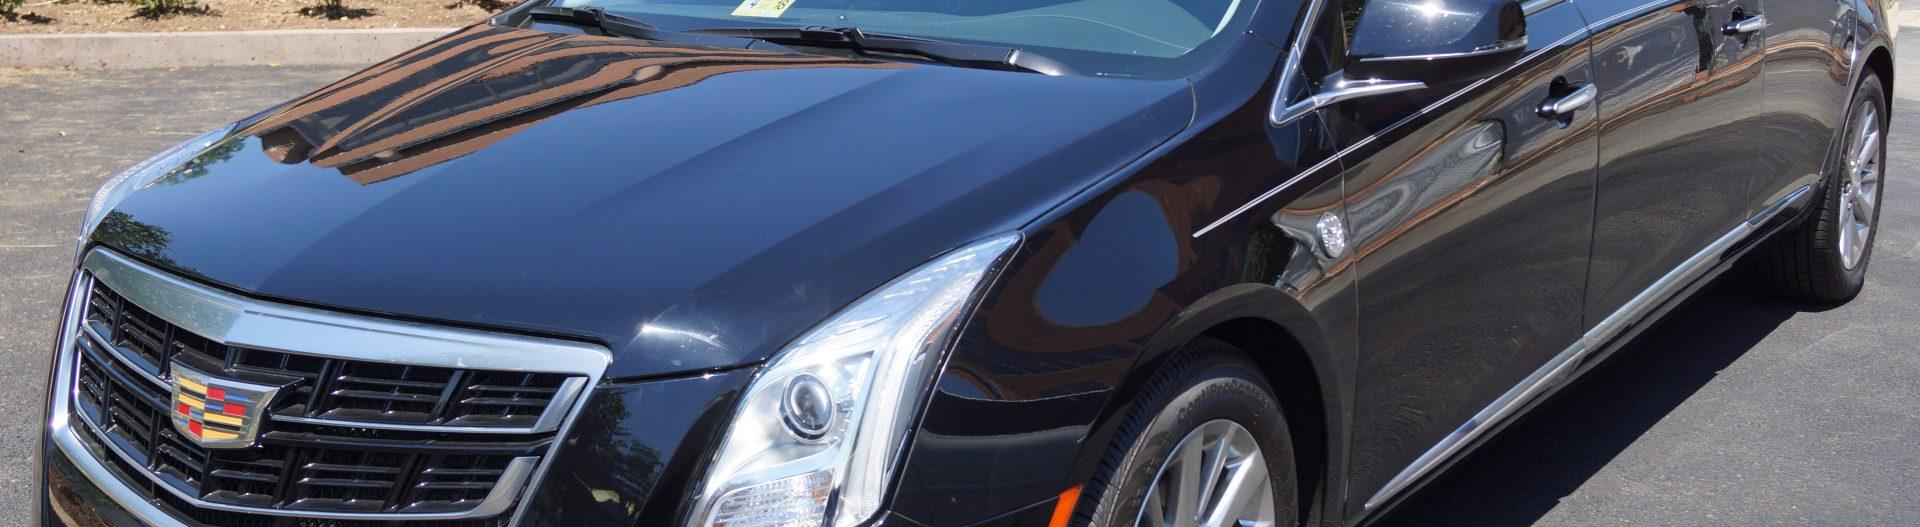 2016 Cadillac XTS Limo